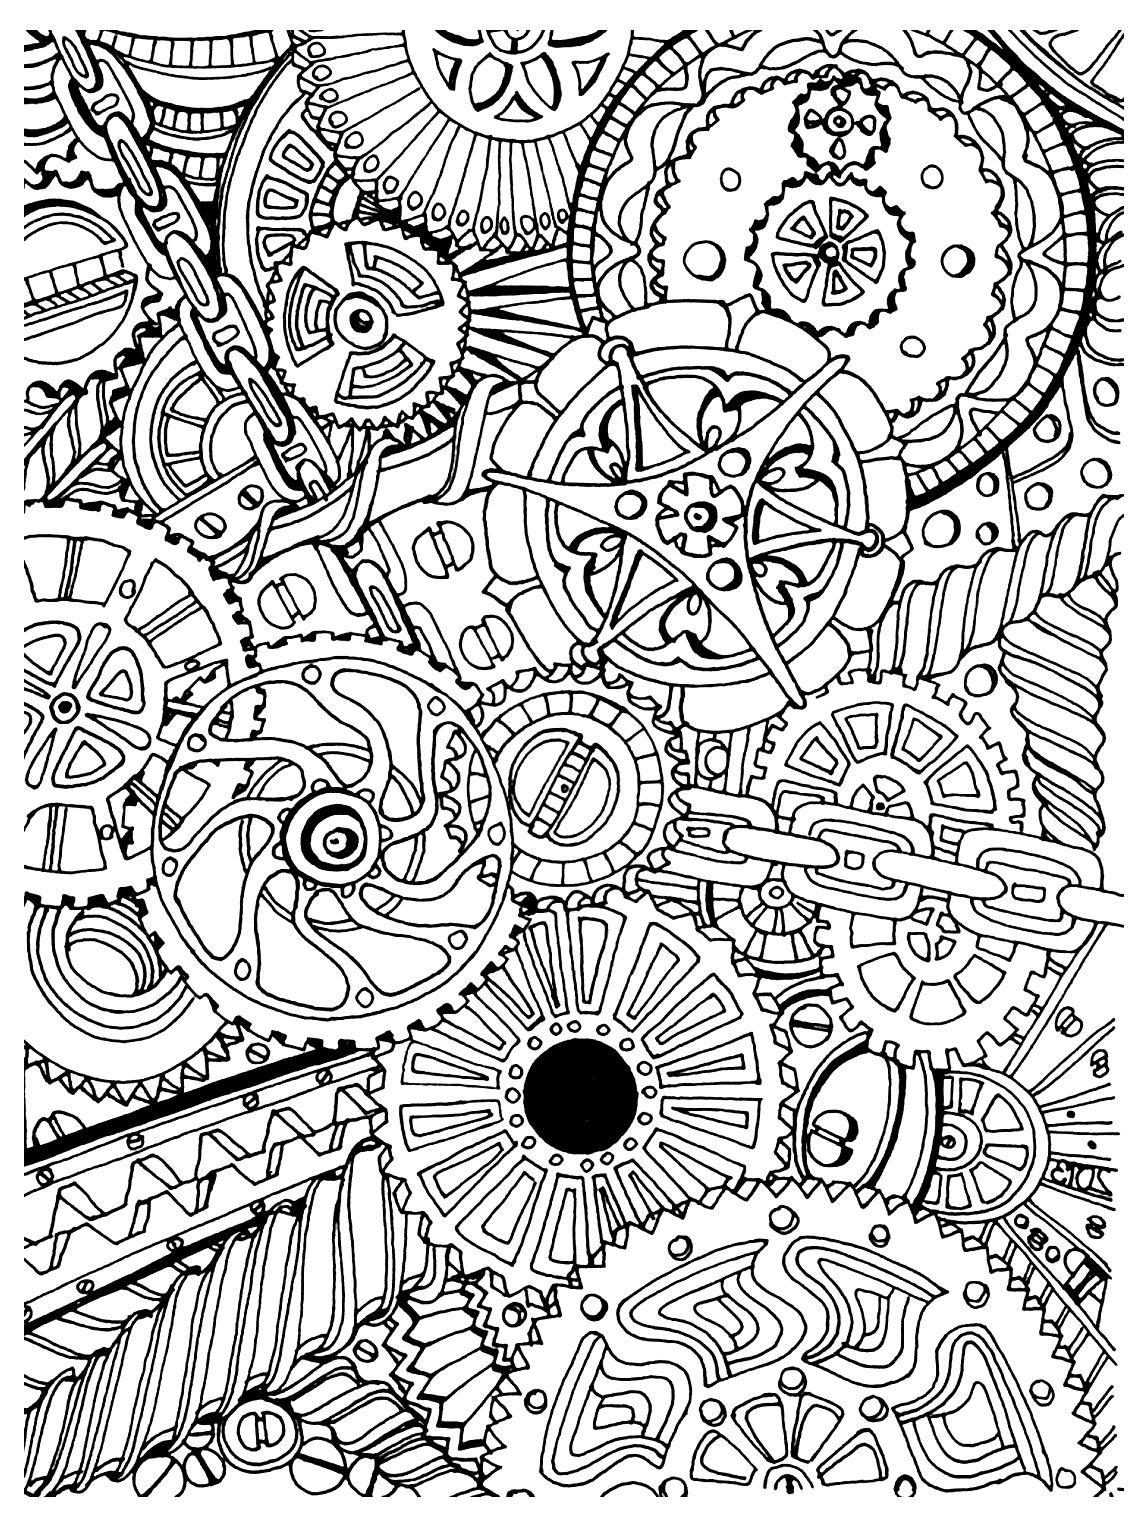 Anti stress zen 39648 anti stress zen disegni da - Pagine da colorare pesci per adulti ...